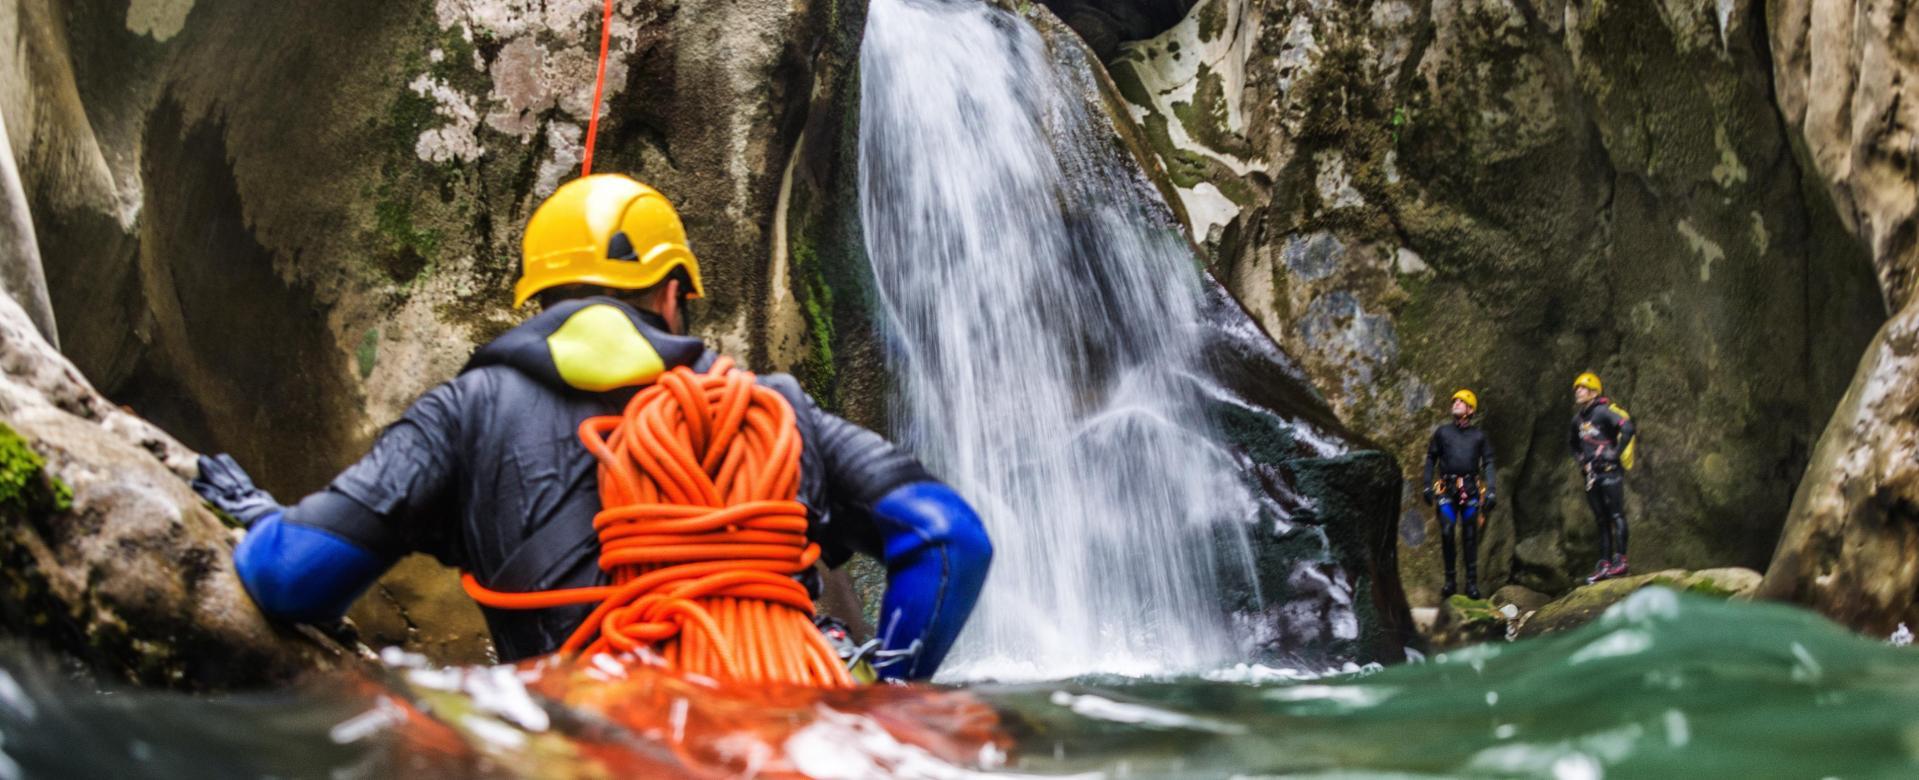 Voyage sur l'eau Italie : Canyons de la roya